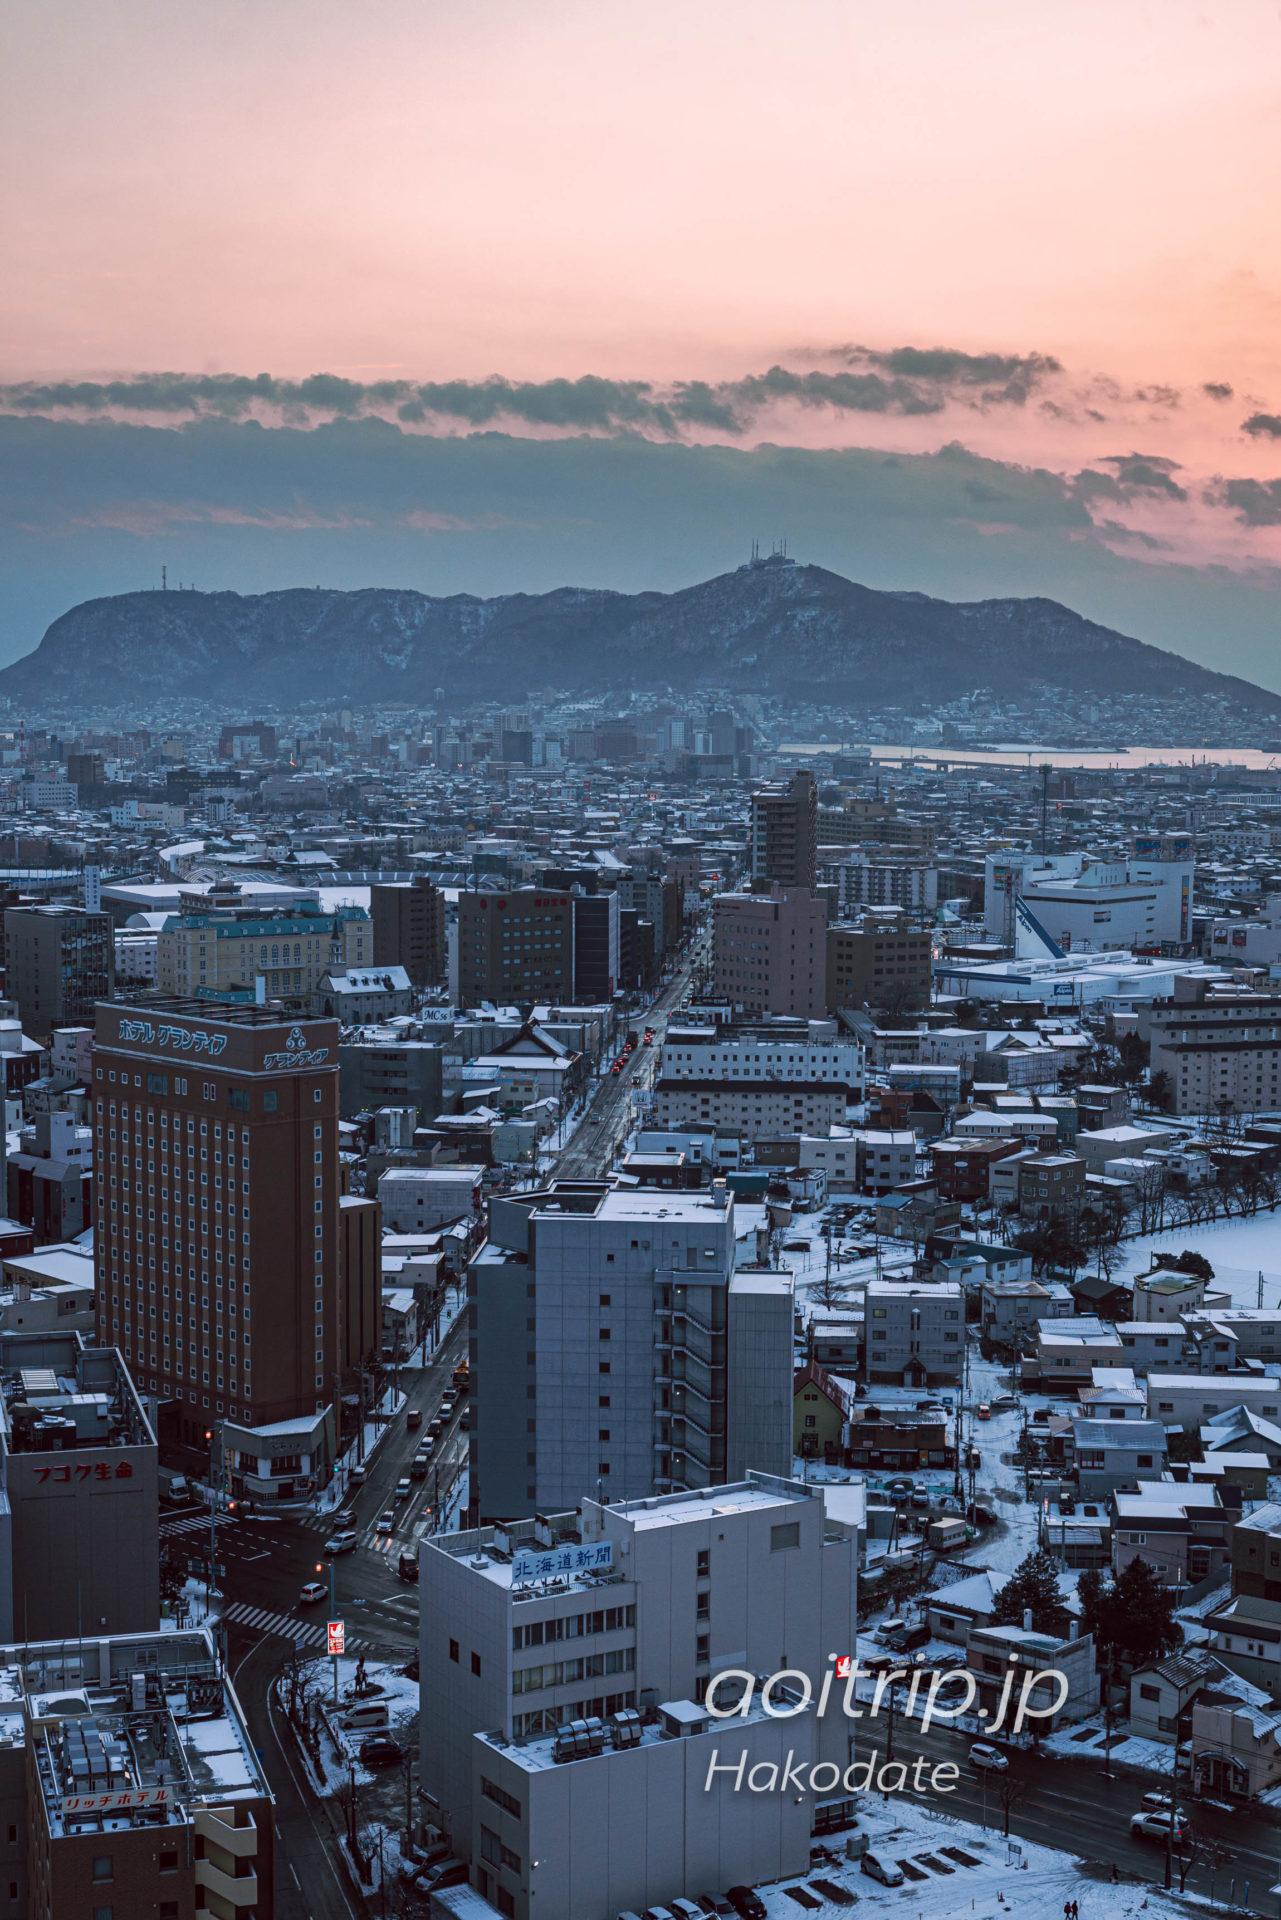 雪が積もる冬の五稜郭タワーからの眺望 函館山